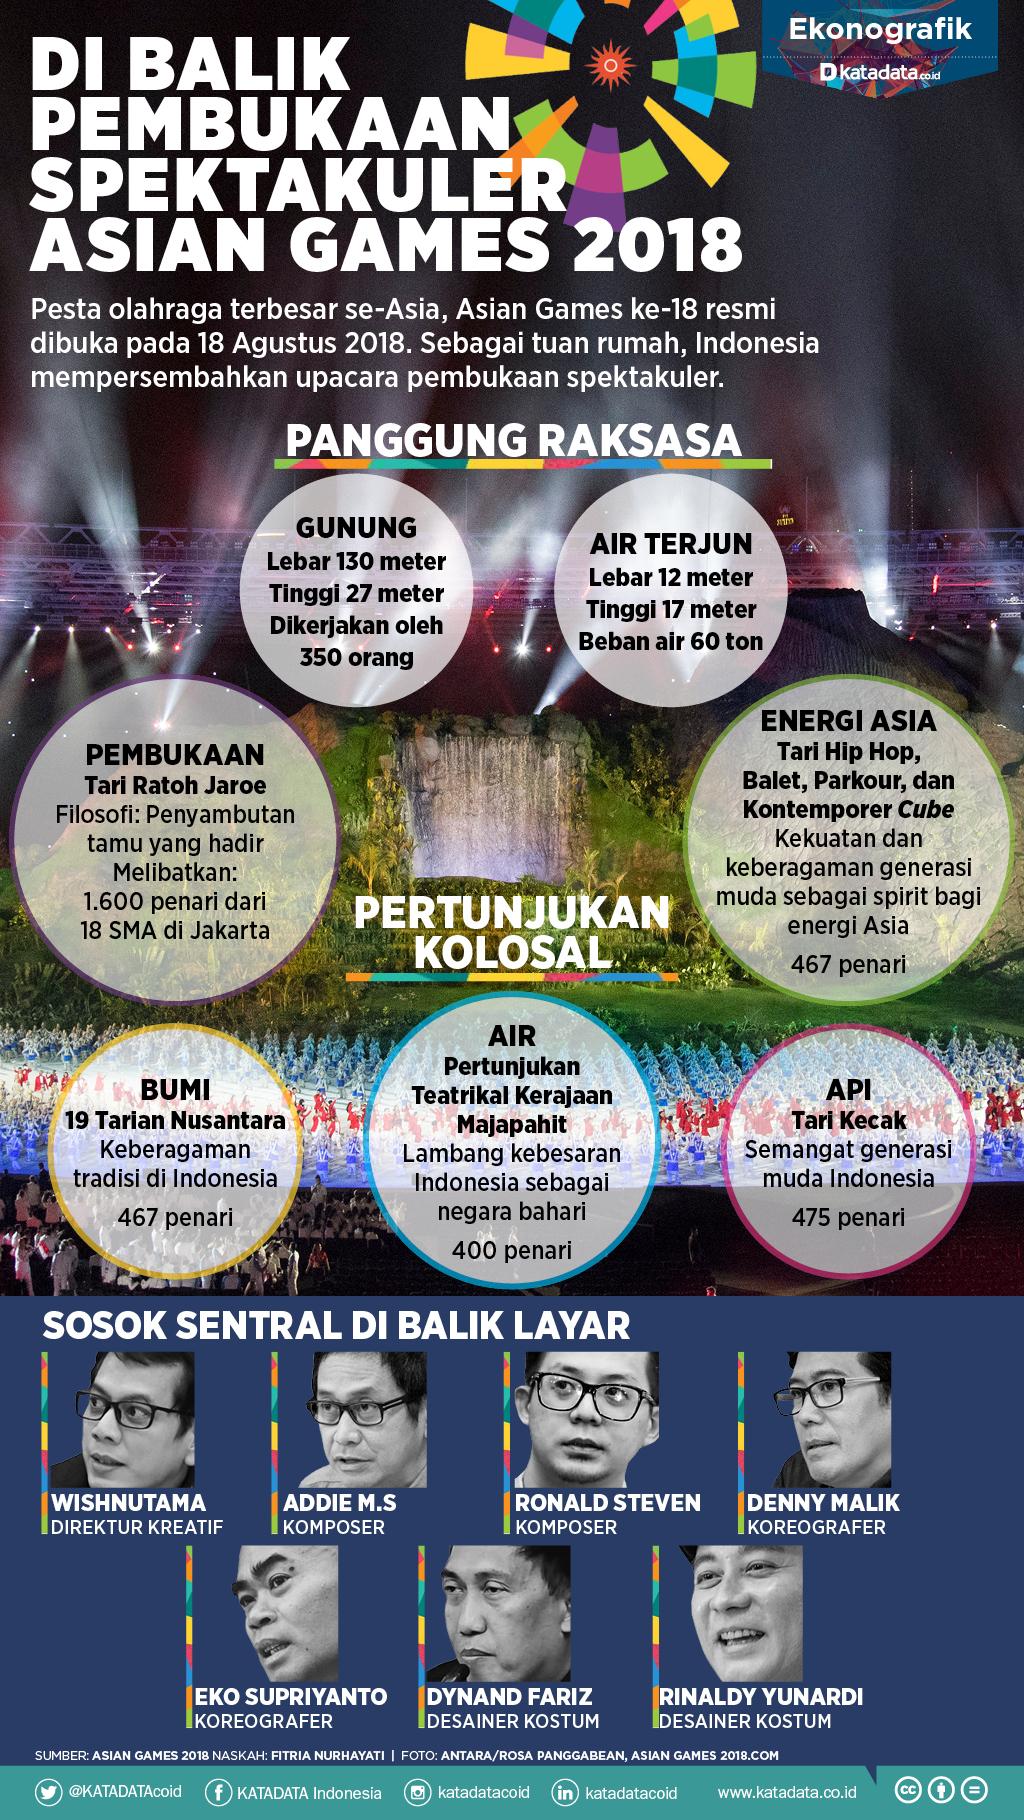 Di Balik Pembukaan Spektakuler Asian Games 2018